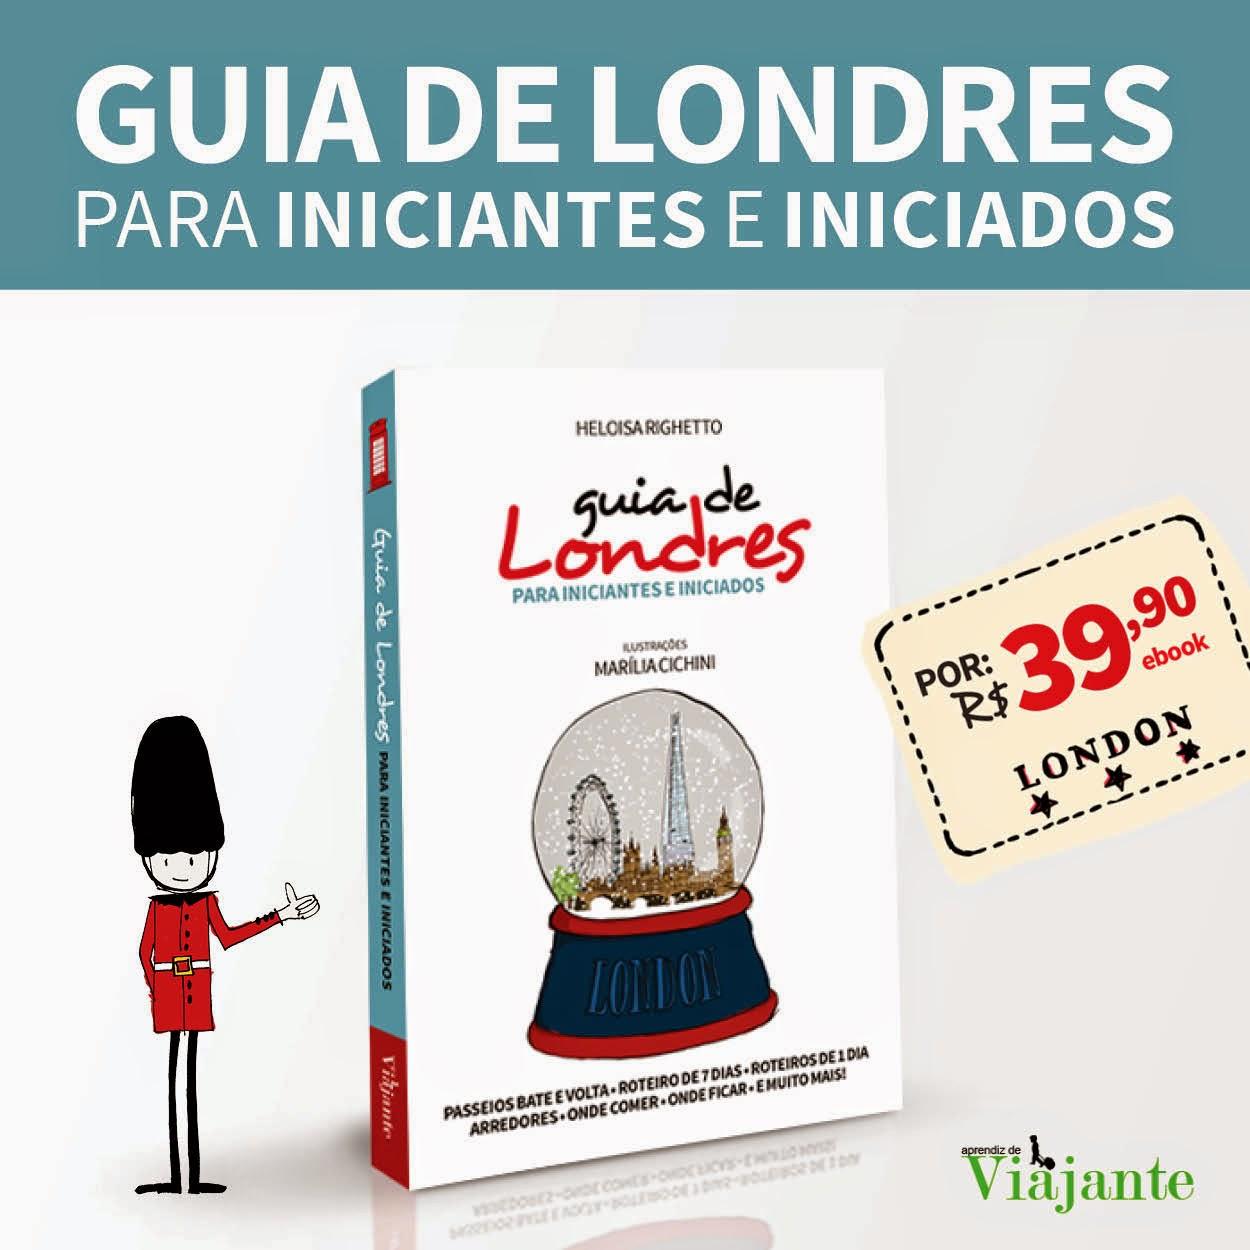 Compre o Guia de Londres para iniciantes e iniciados